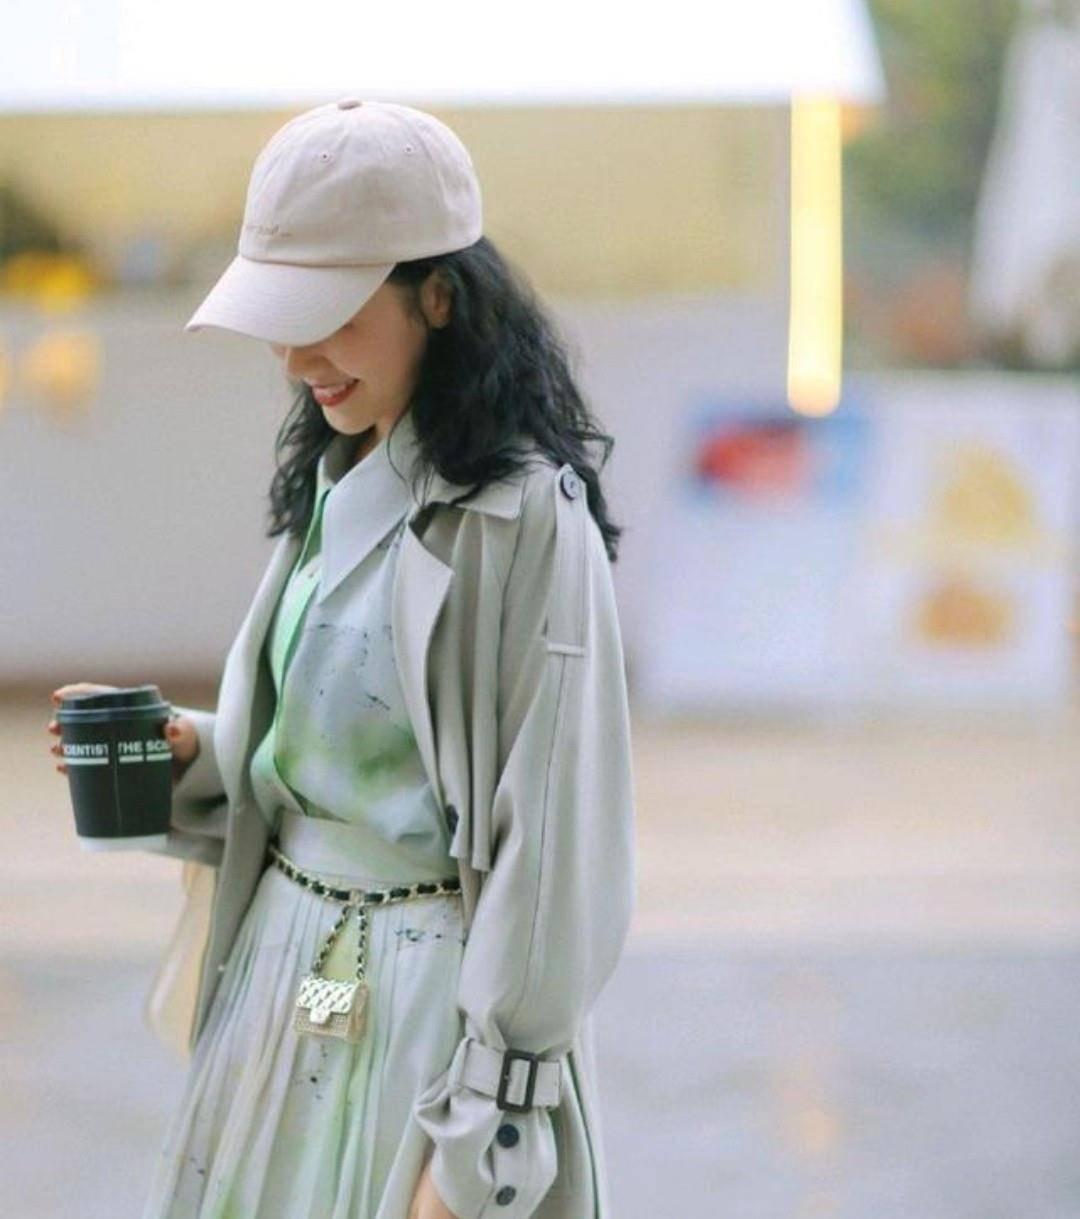 不要再穿过时外套了,如今流行穿风衣,这么穿让你时尚又好看